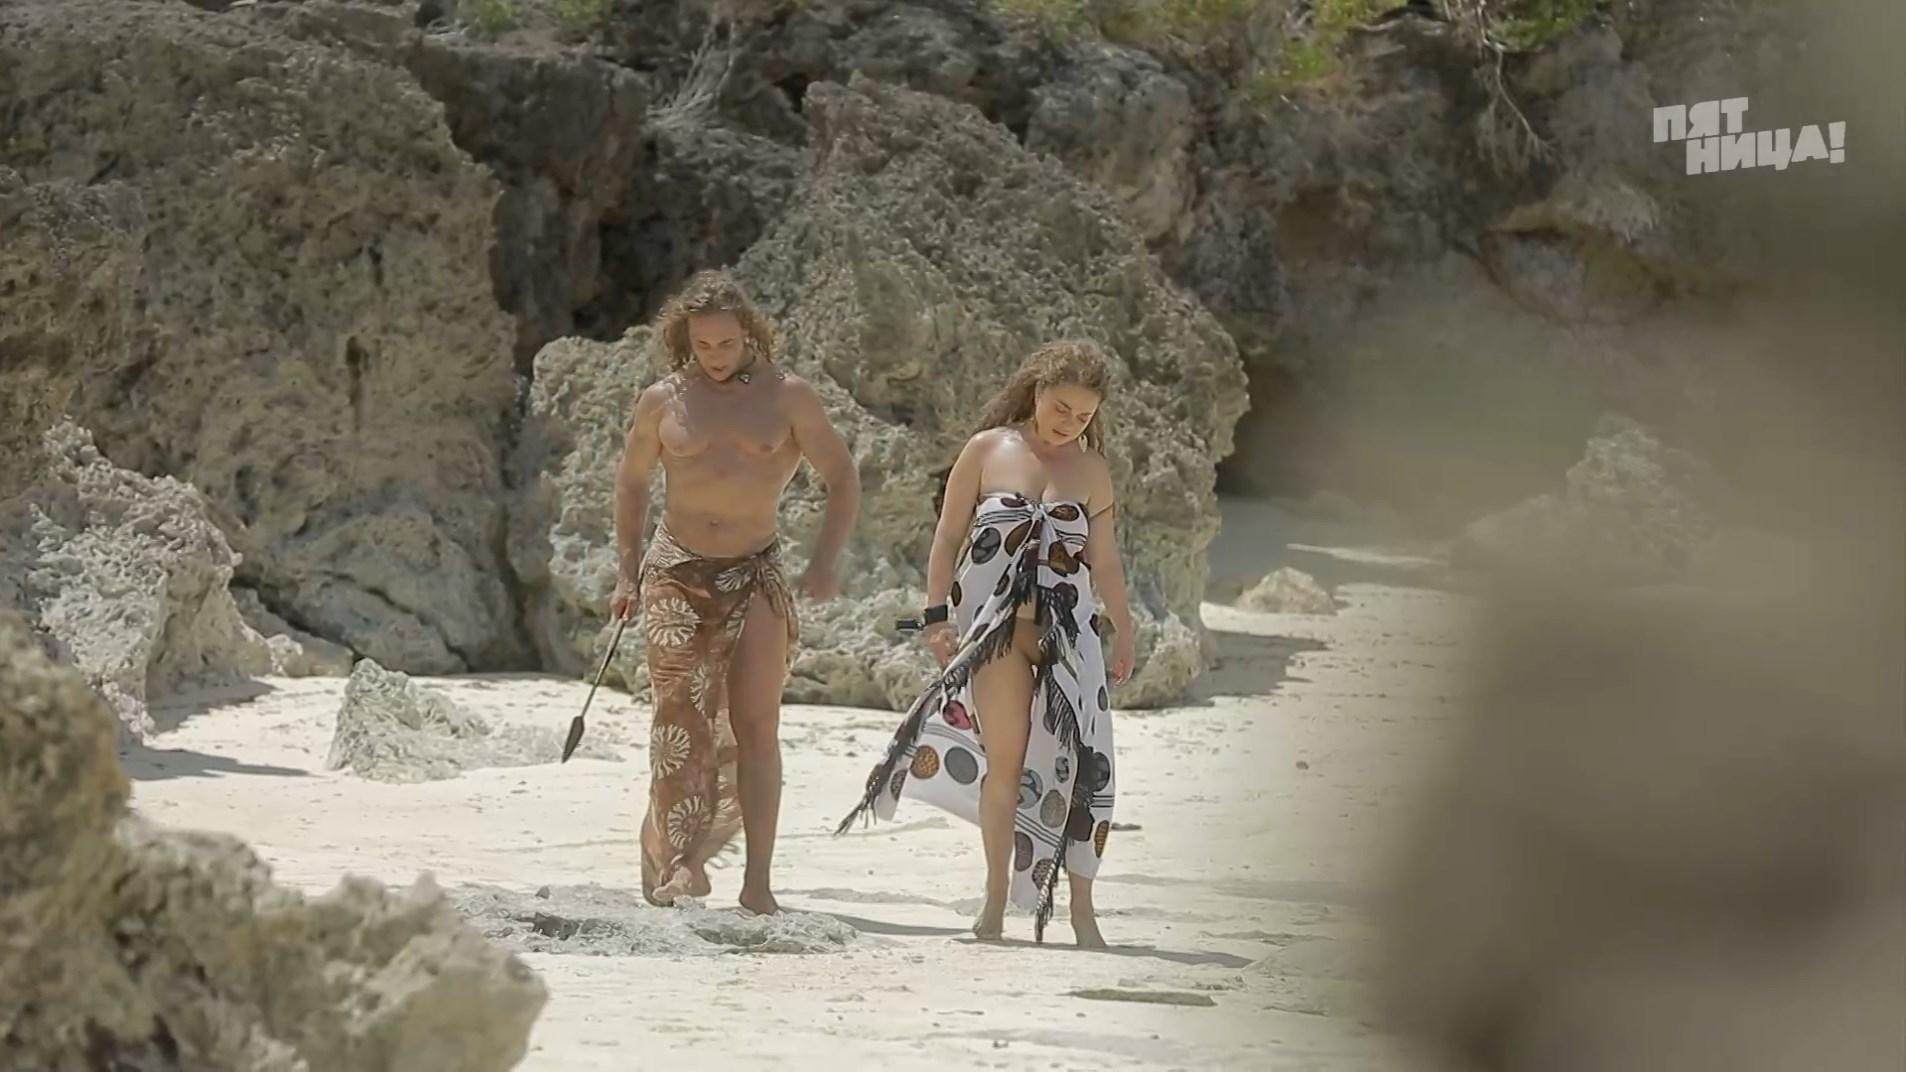 Серия 3 - Племя смотреть онлайн uma.media (index) (via Skyload).mp4_snapshot_27.42.832.jpg